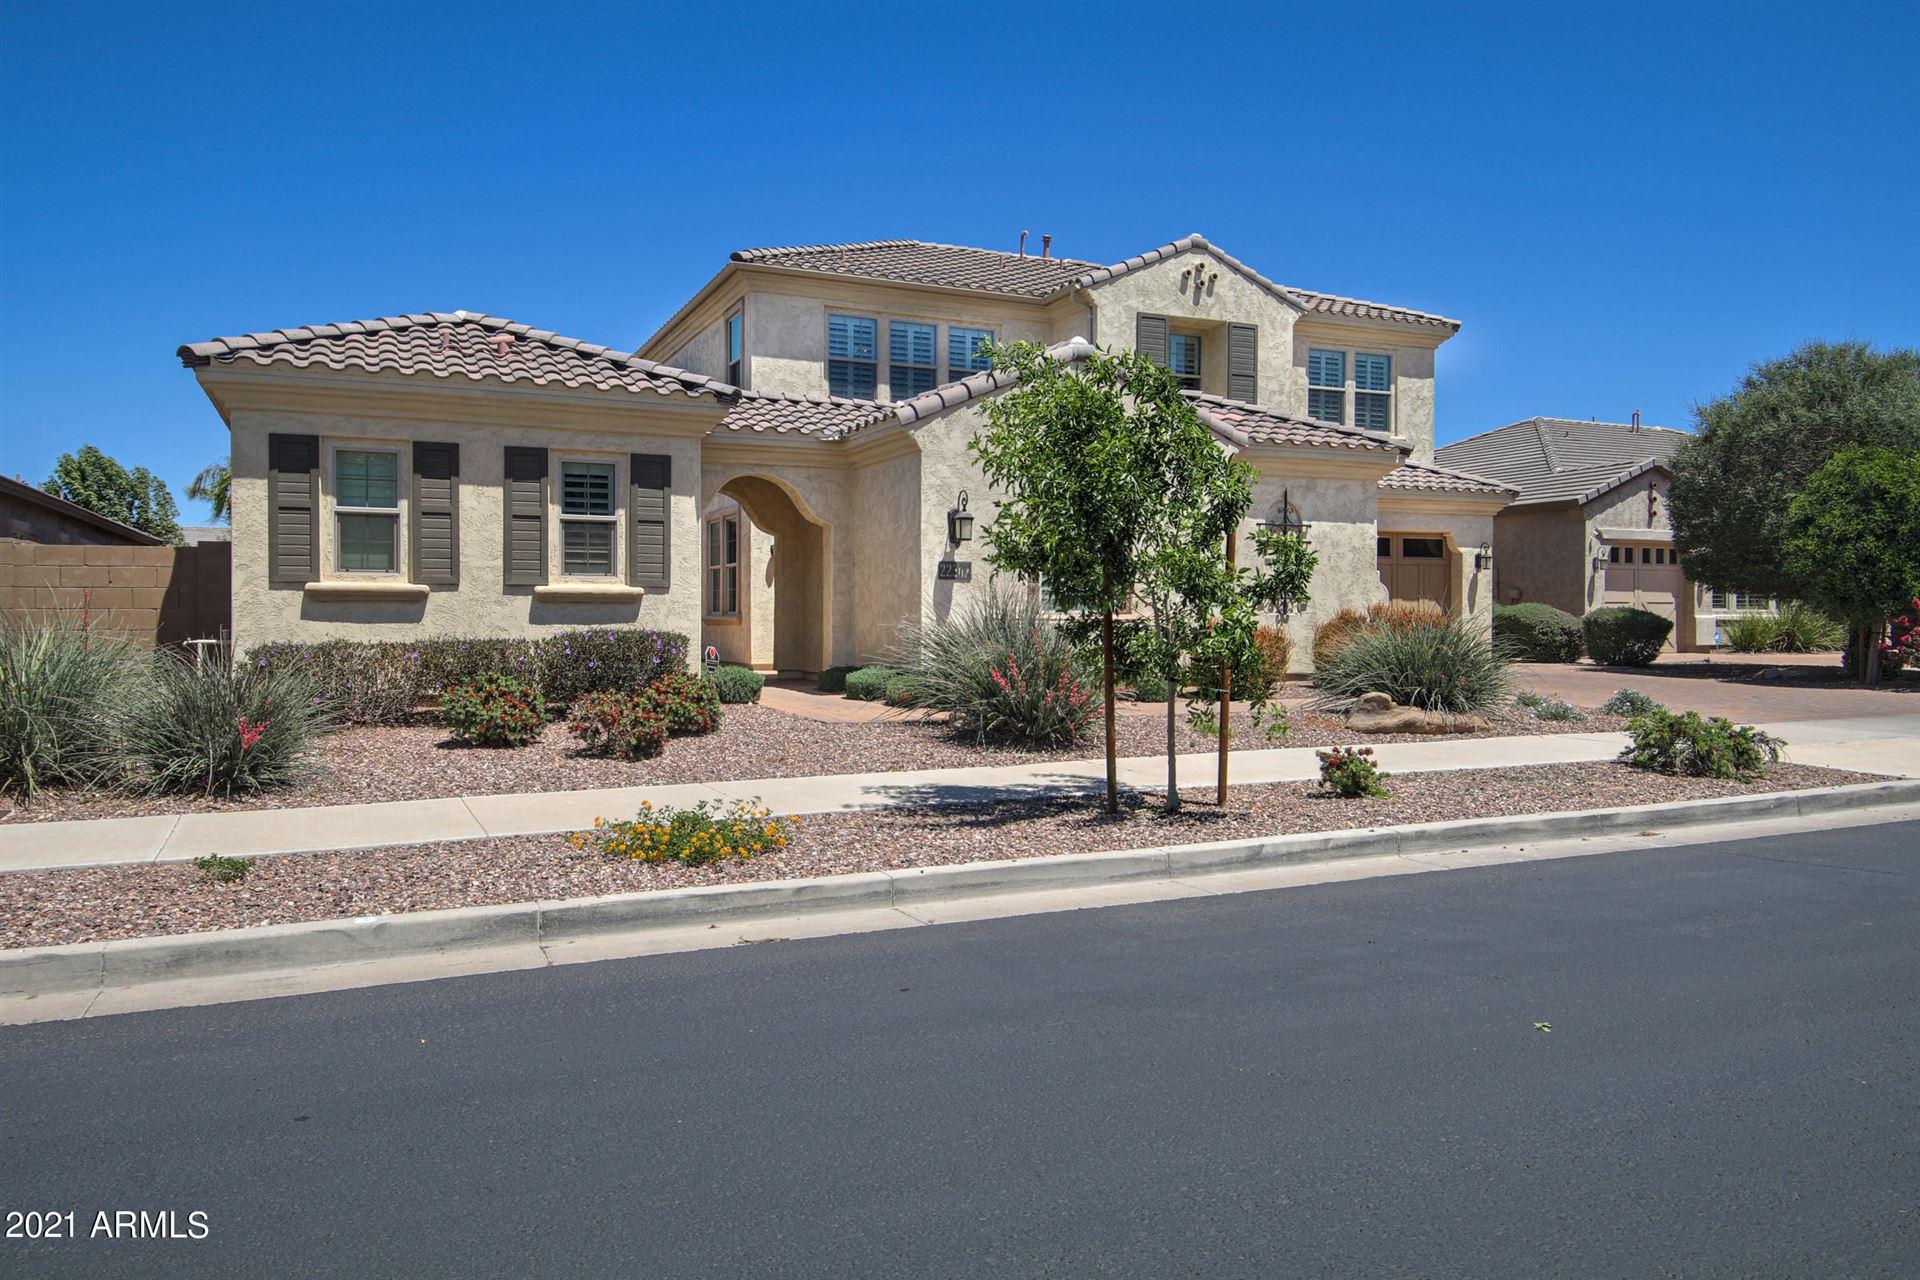 Photo of 22302 E Escalante Road, Queen Creek, AZ 85142 (MLS # 6231906)